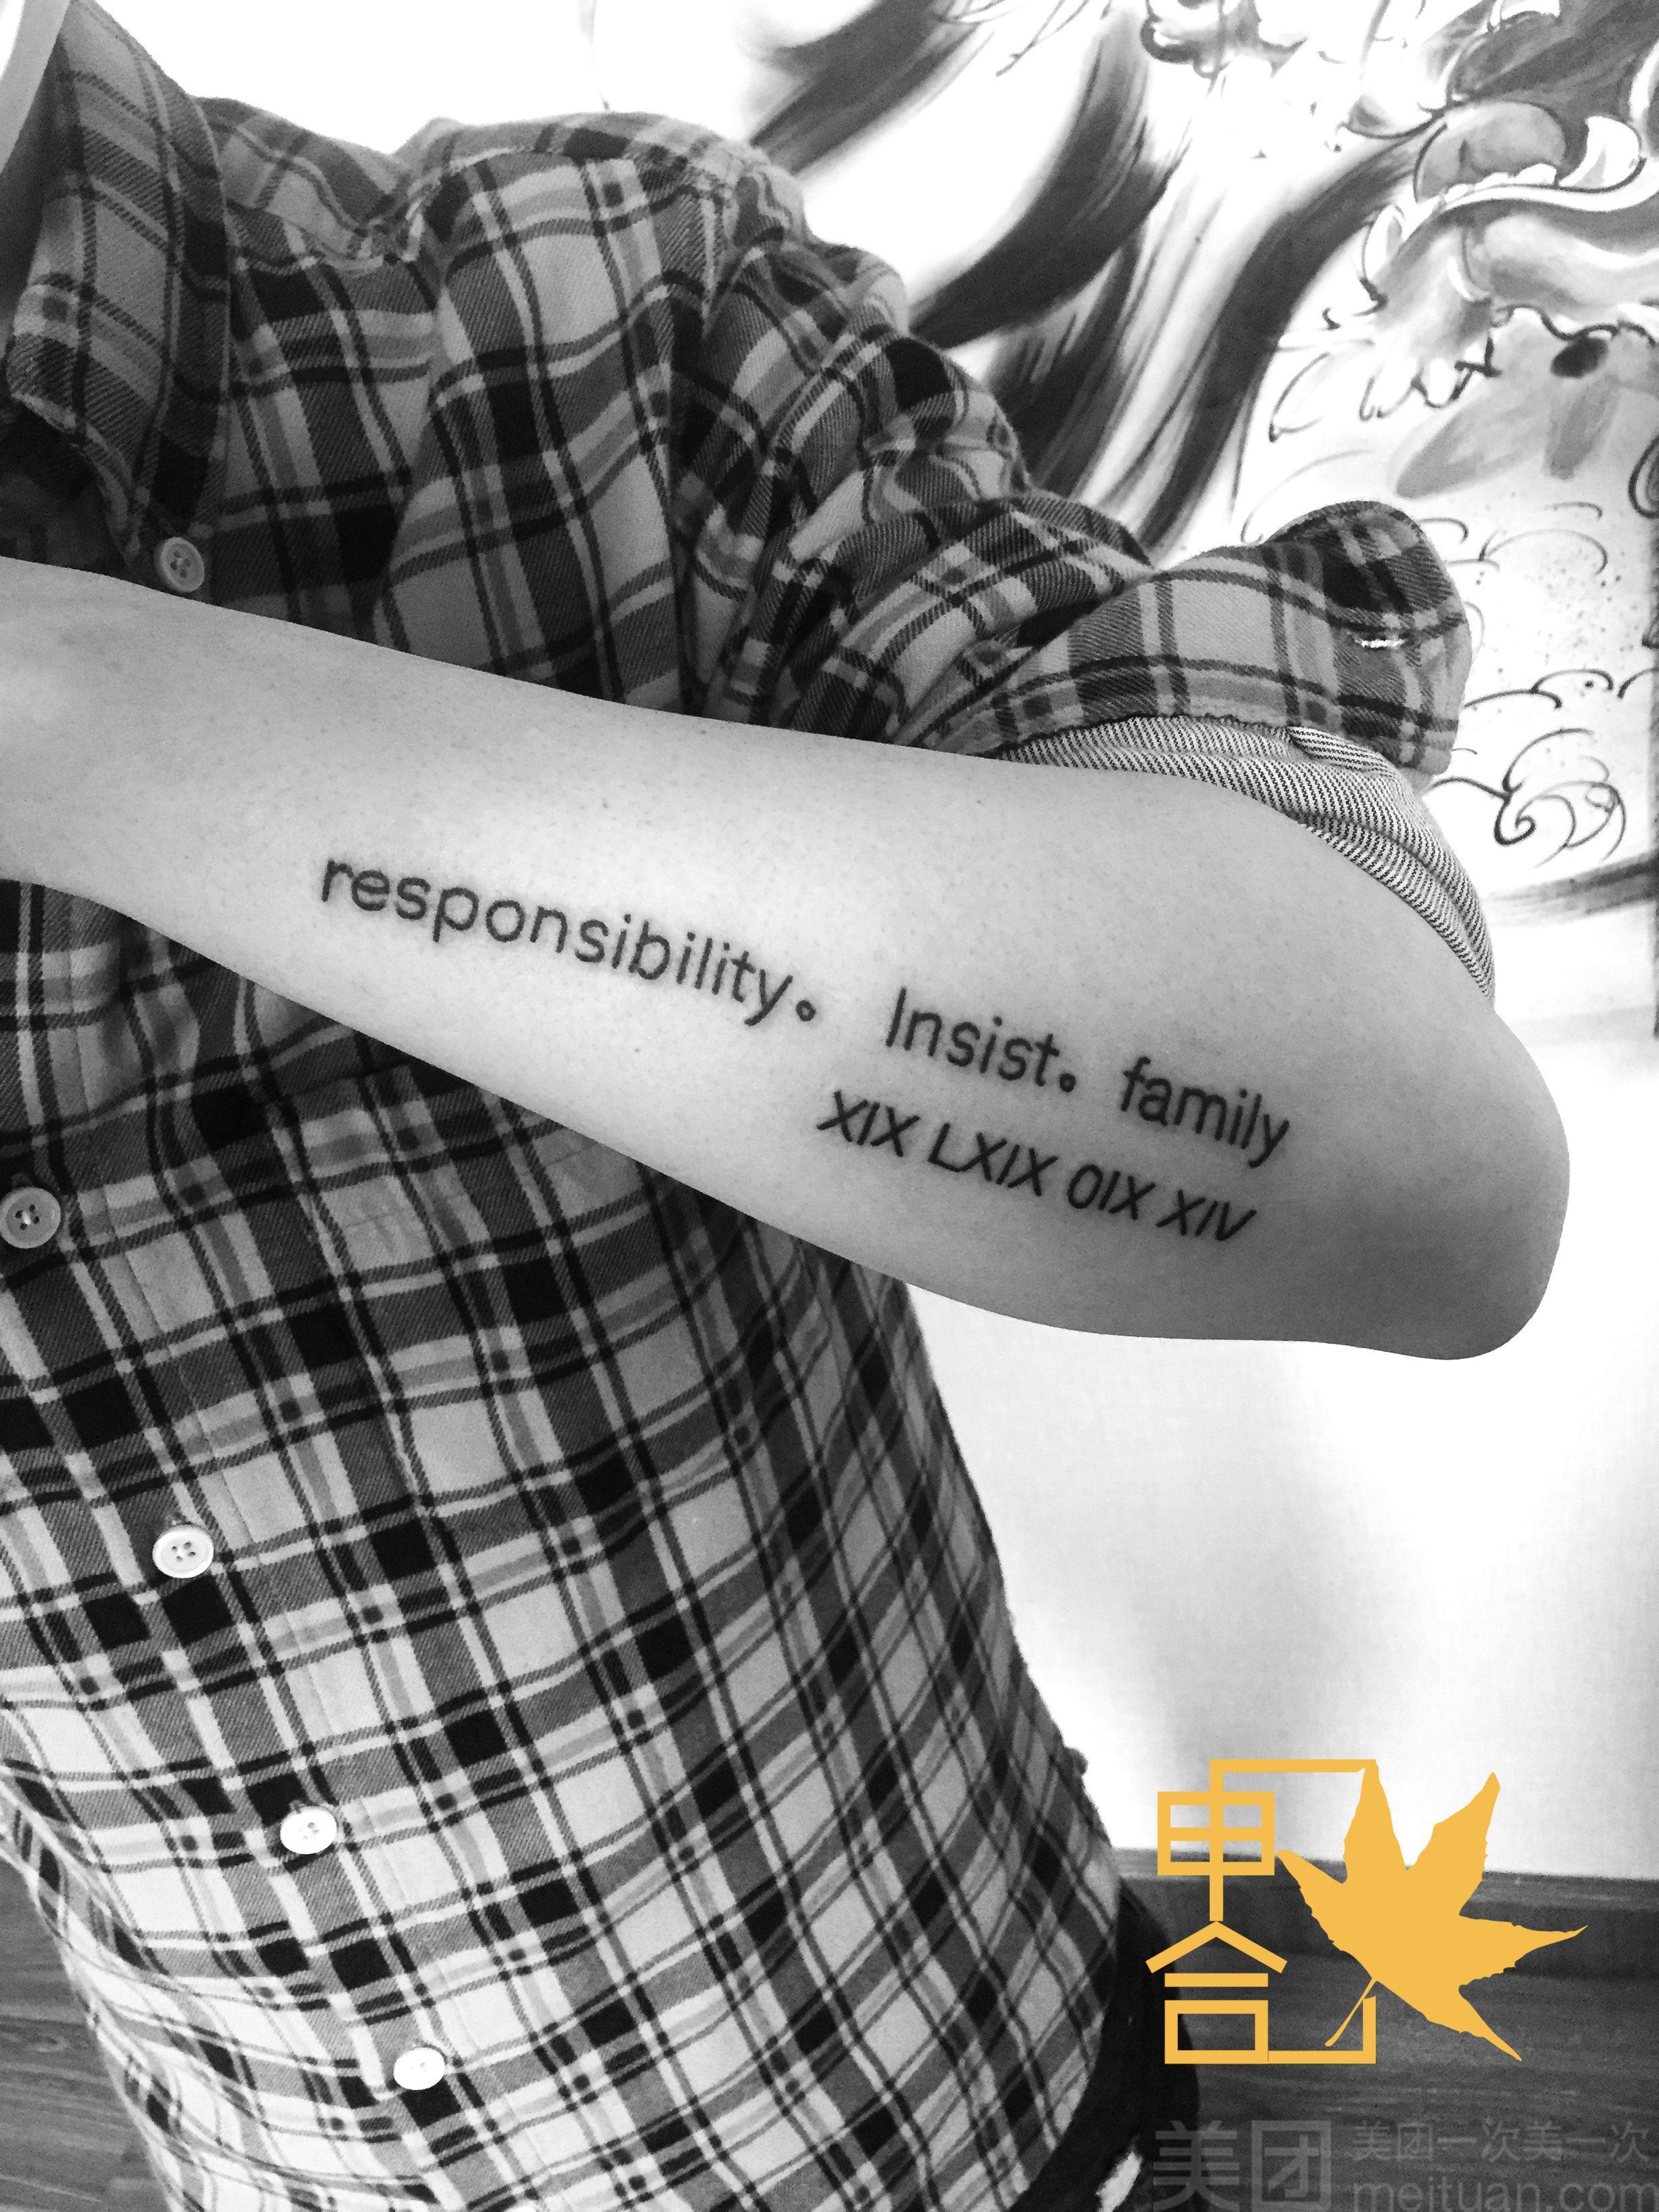 丽人团购 纹身 长宁区 中山公园 申合刺青工作室   购买须知 有效期